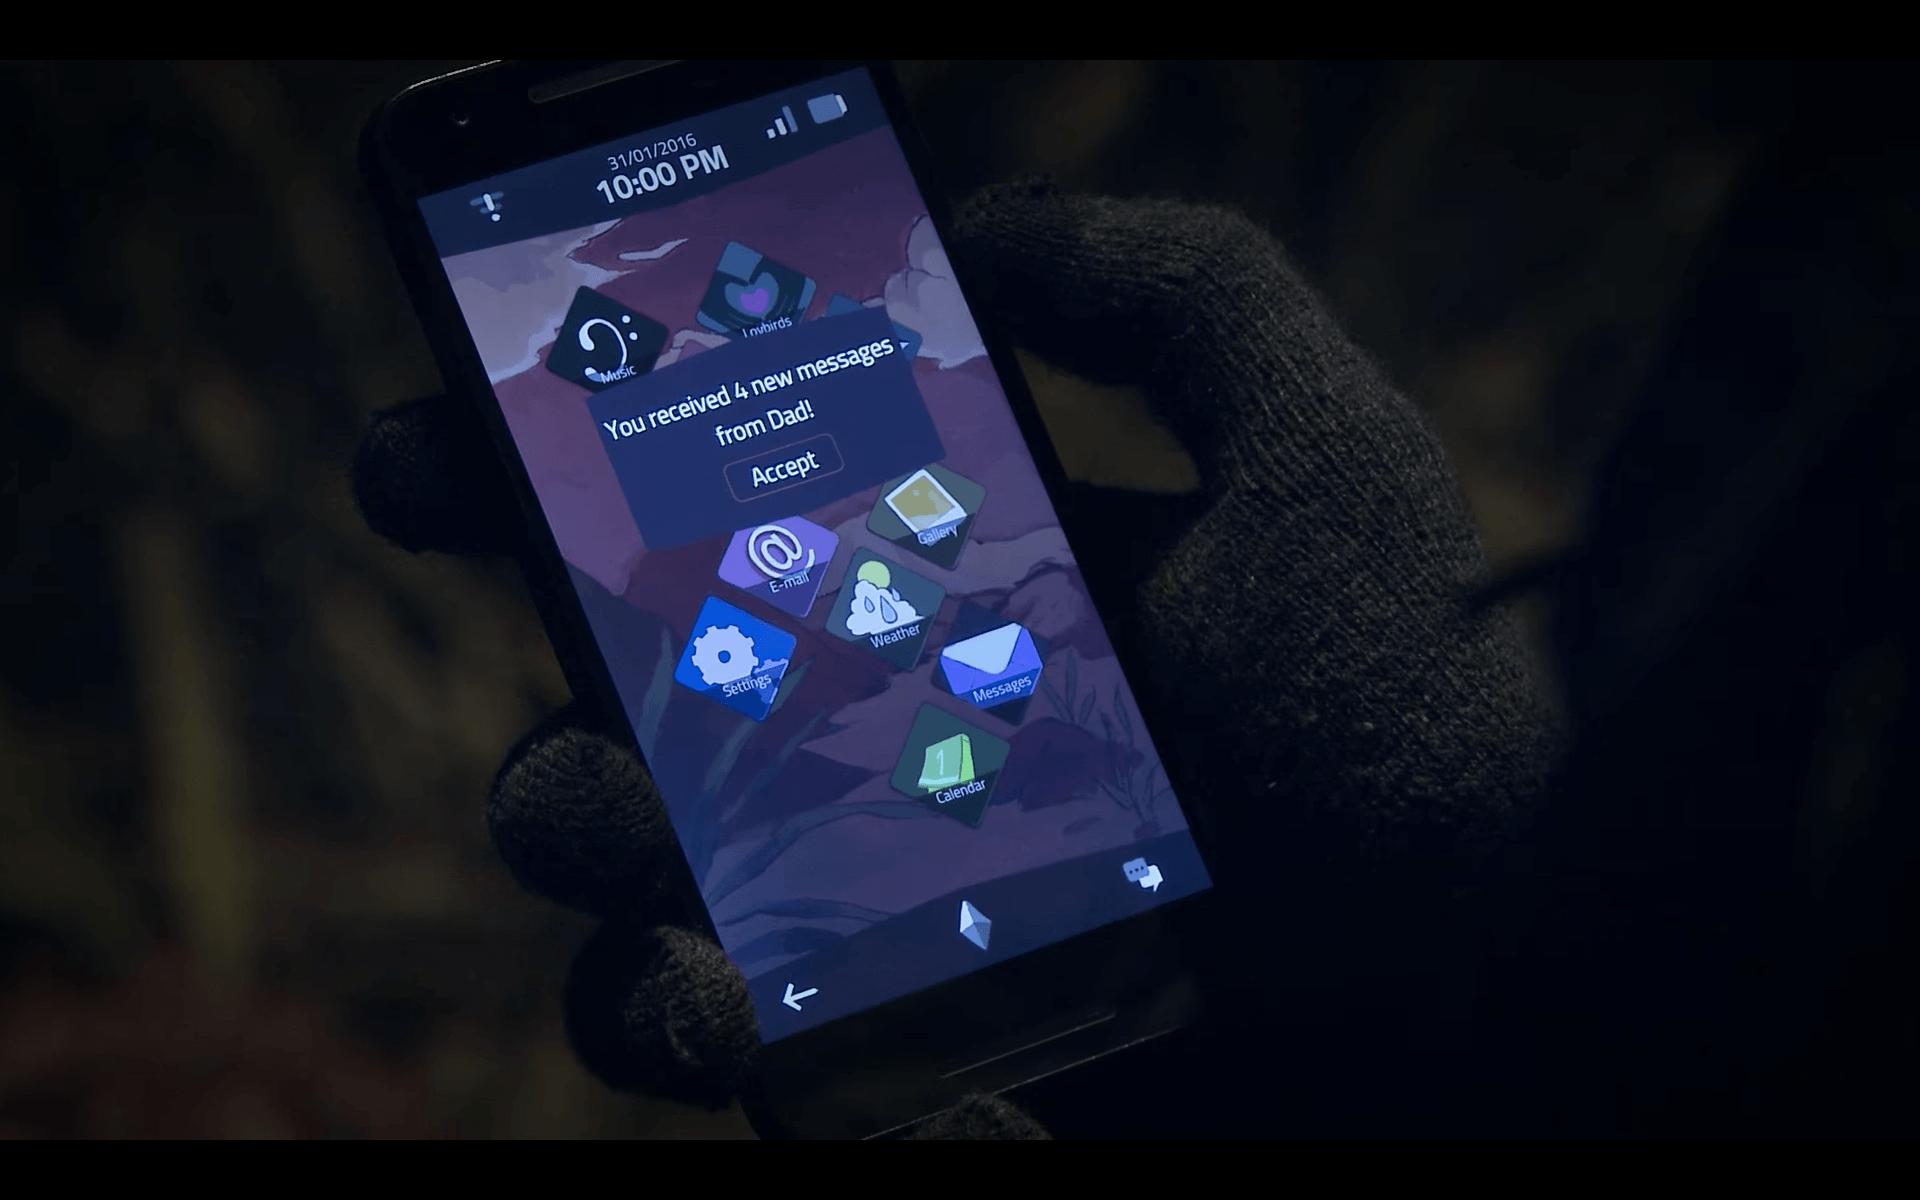 A Normal Lost Phone : et vous, que feriez-vous si vous trouviez un téléphone perdu ?